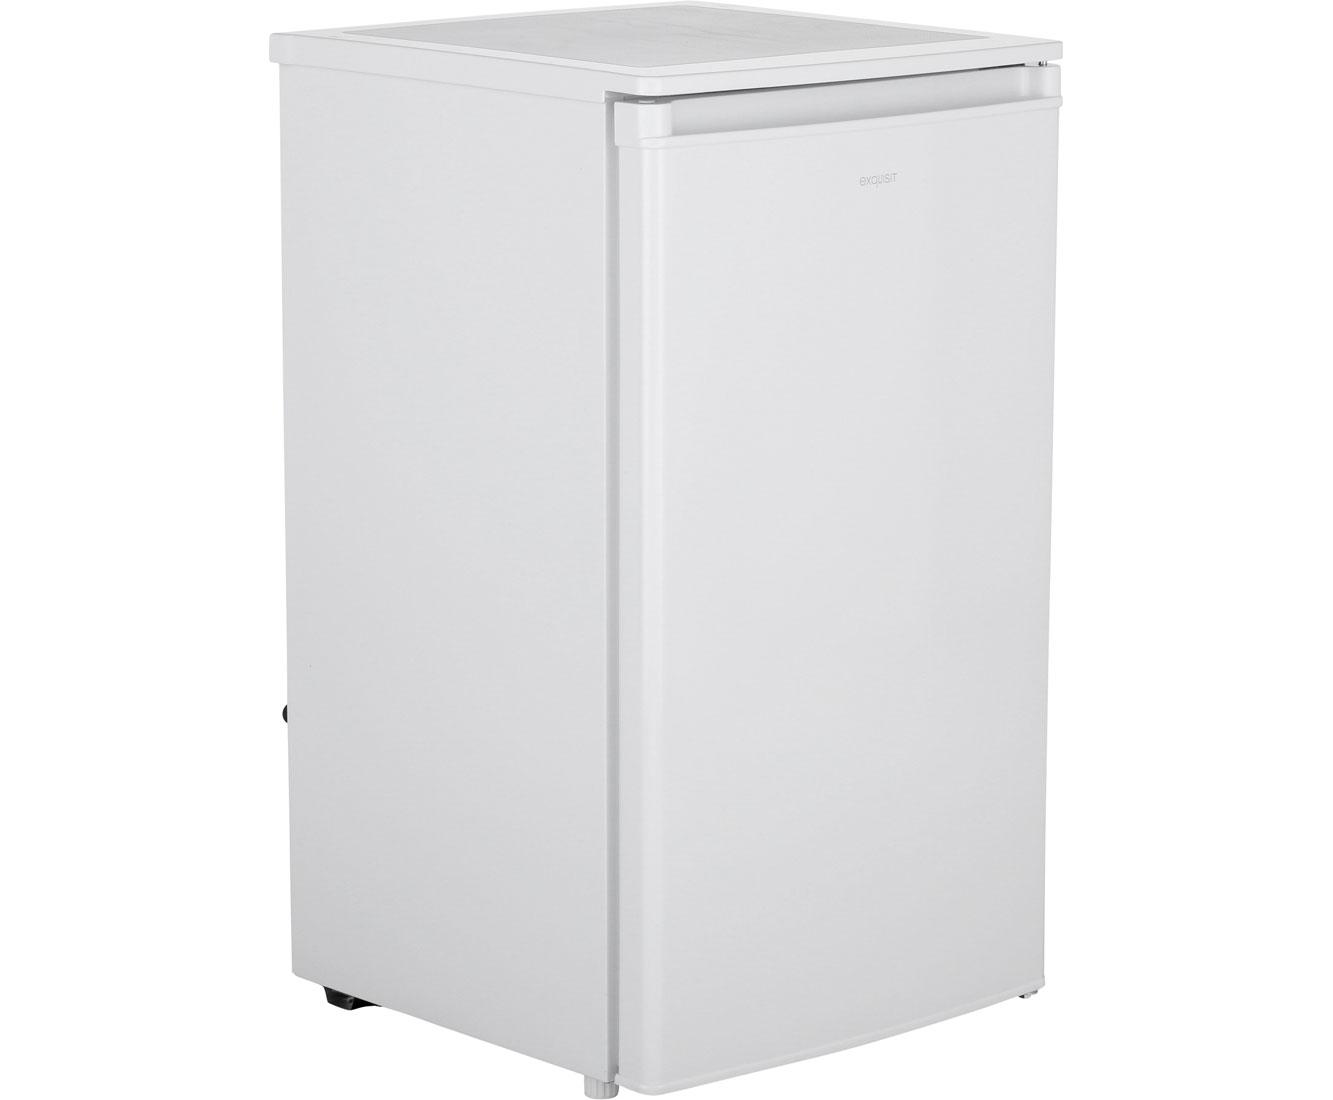 Mini Kühlschrank Mit Gefrierfach Otto : French door kühlschrank test u die besten french door